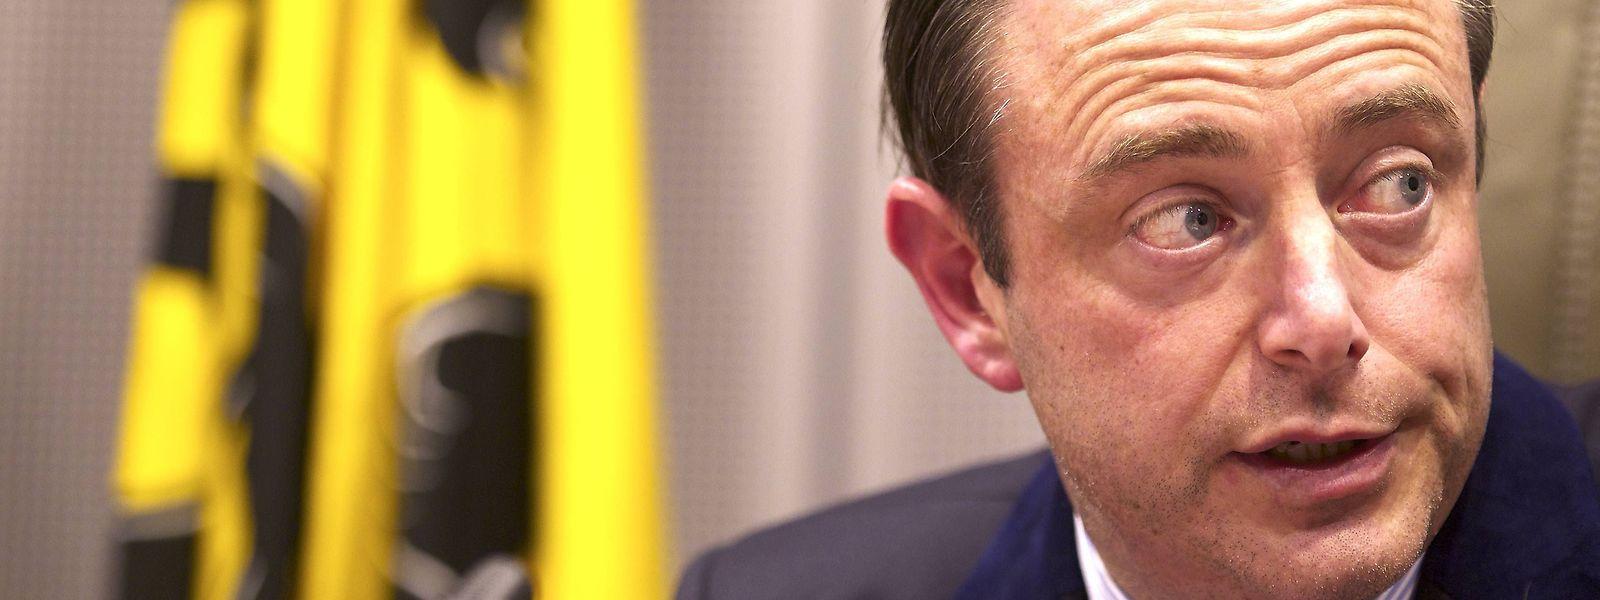 Bart De Wever a ouvert la porte à une possible alliance avec les socialistes. Mais le chemin est encore long.